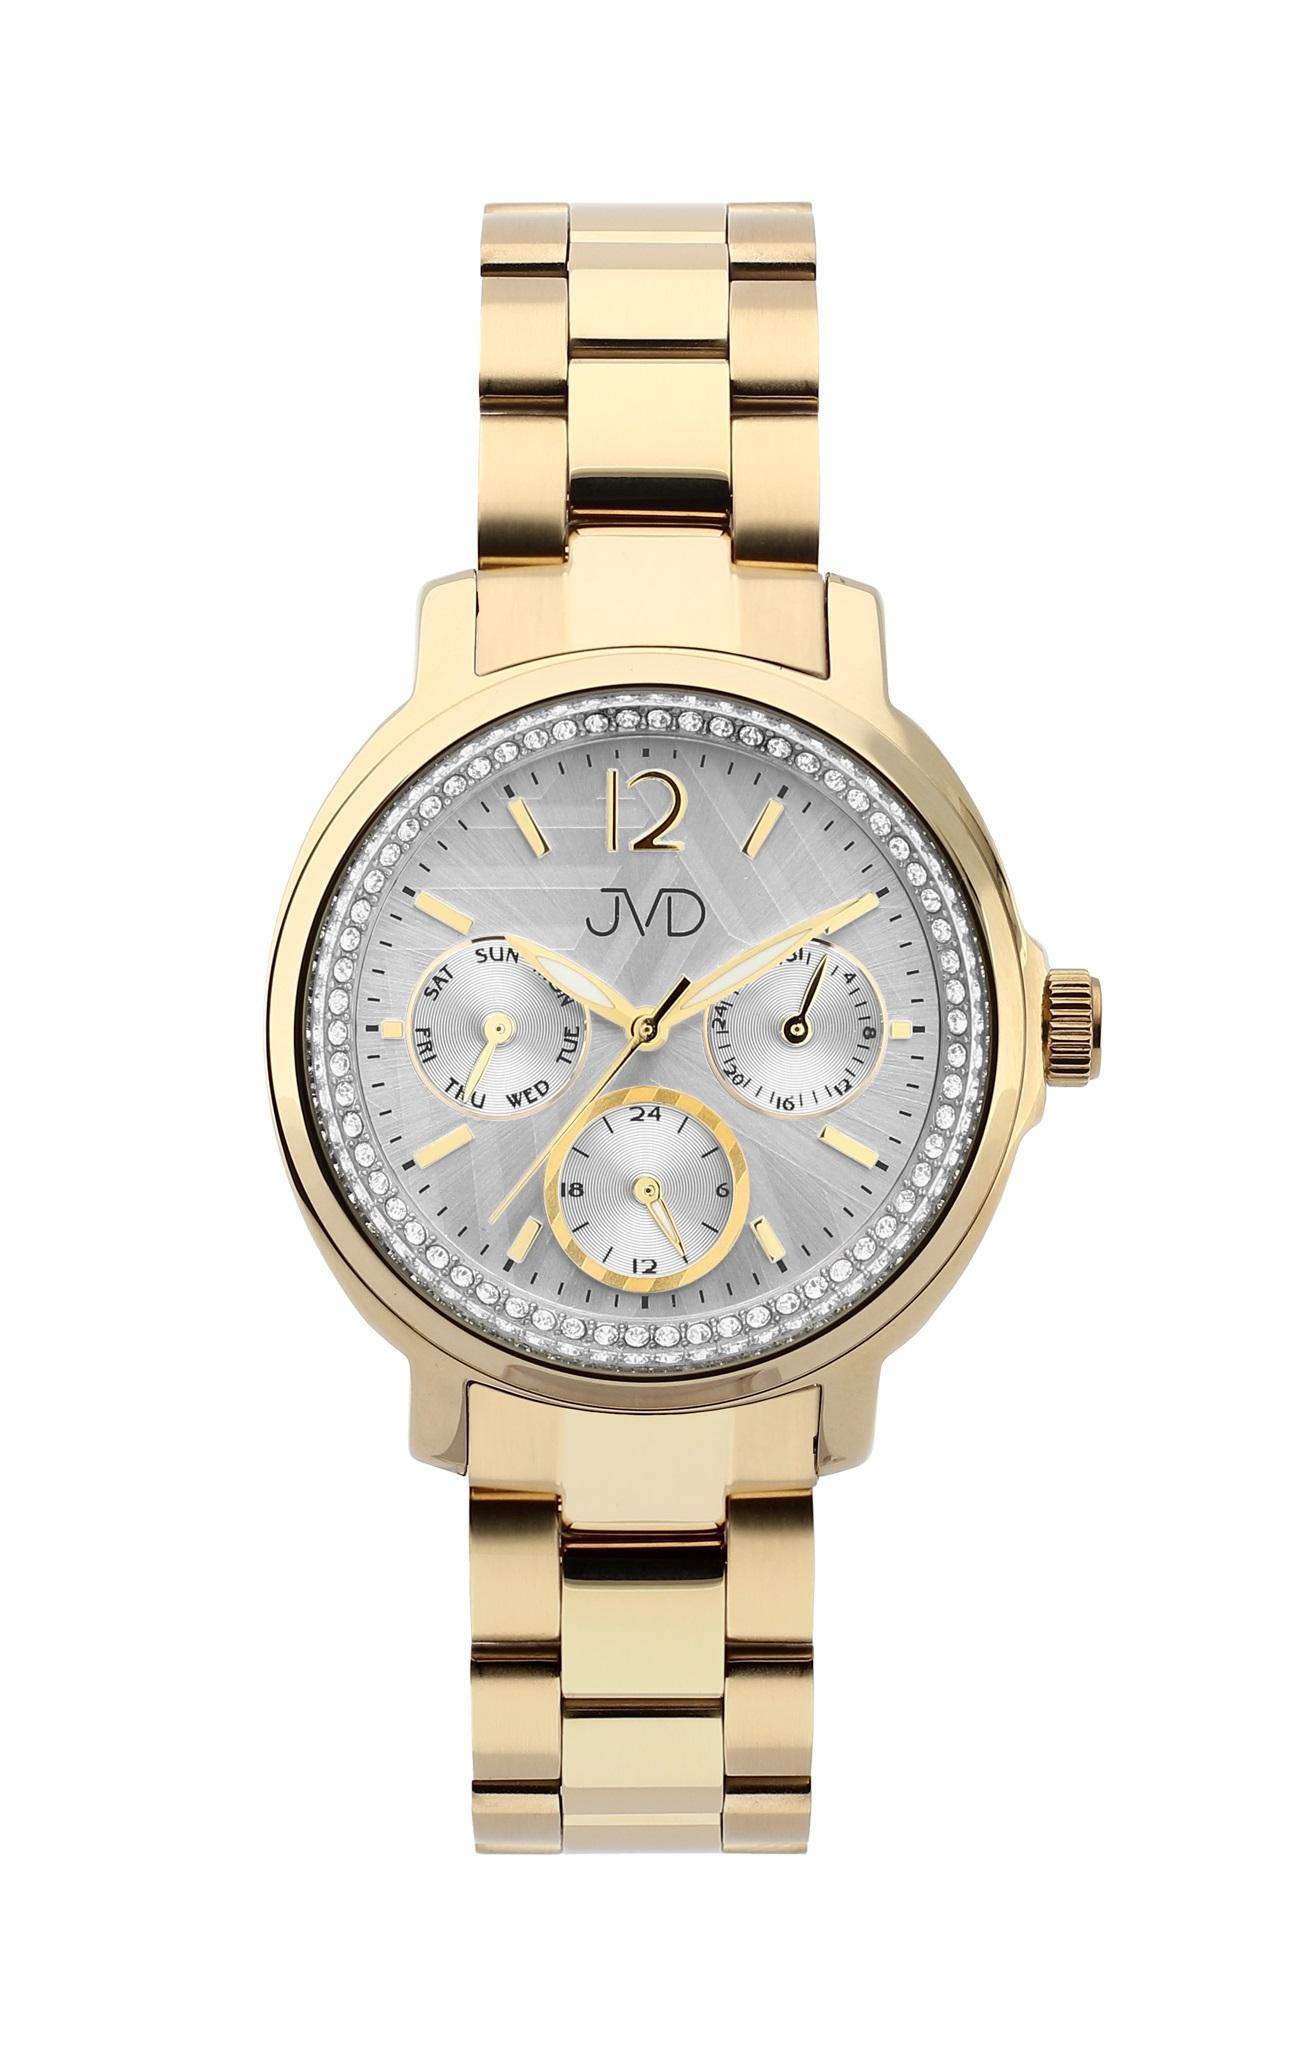 Luxusní dámské ocelové hodinky JVD JC043.2 se zirkony okolo číselníku (POŠTOVNÉ ZDARMA!!)